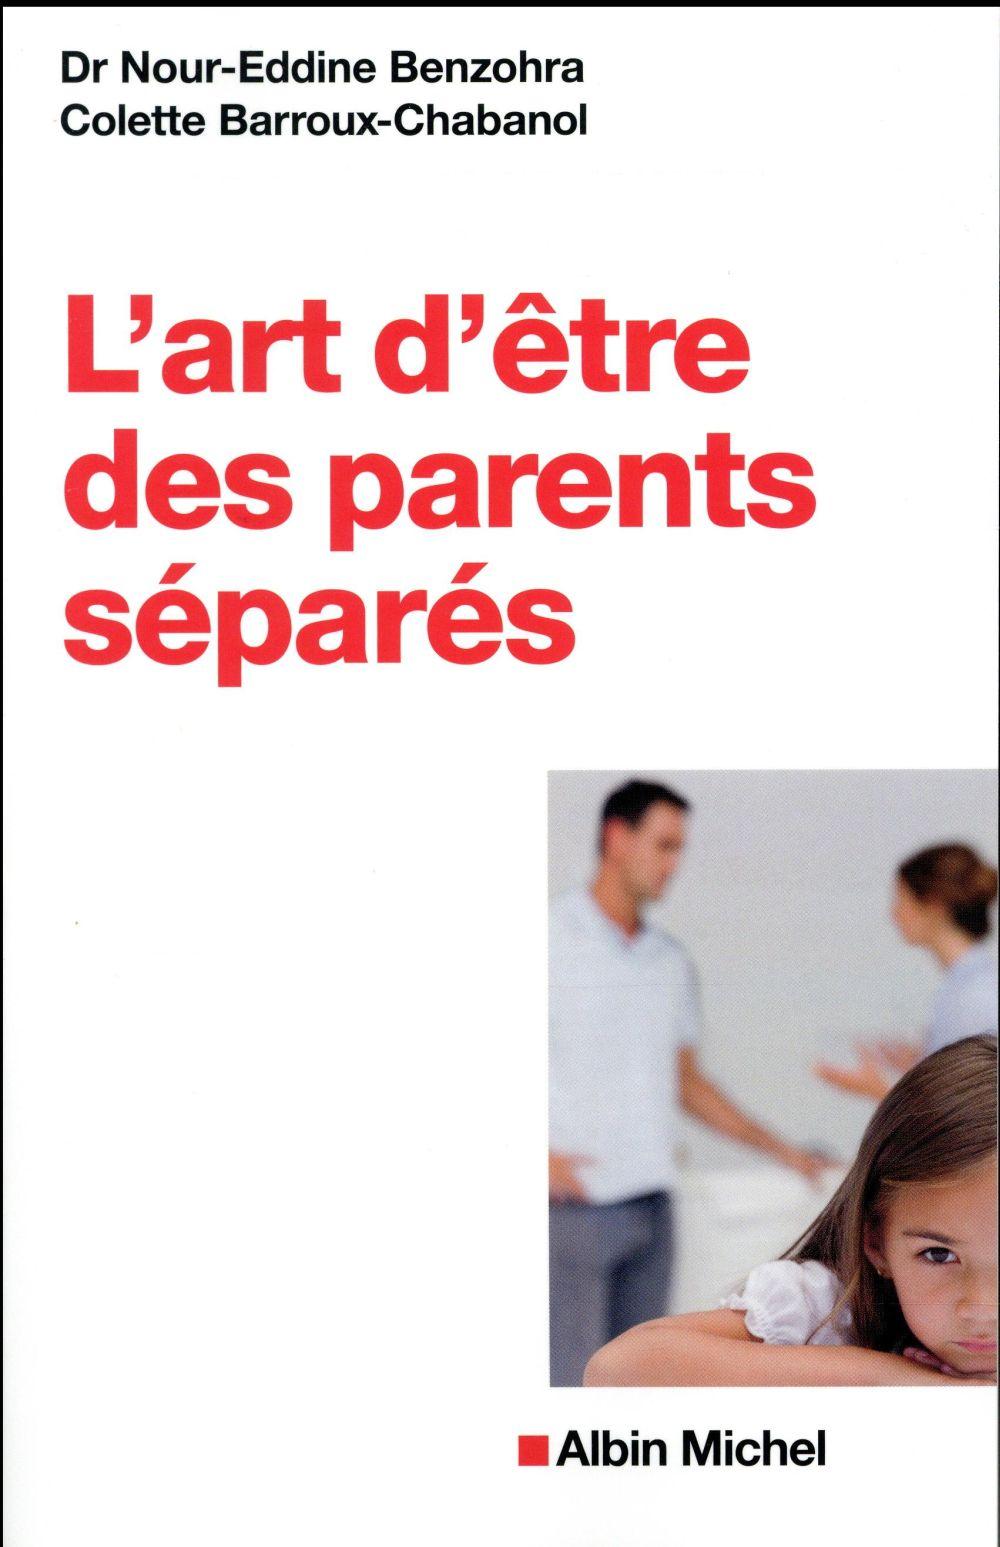 L'ART D'ETRE DES PARENTS SEPARES